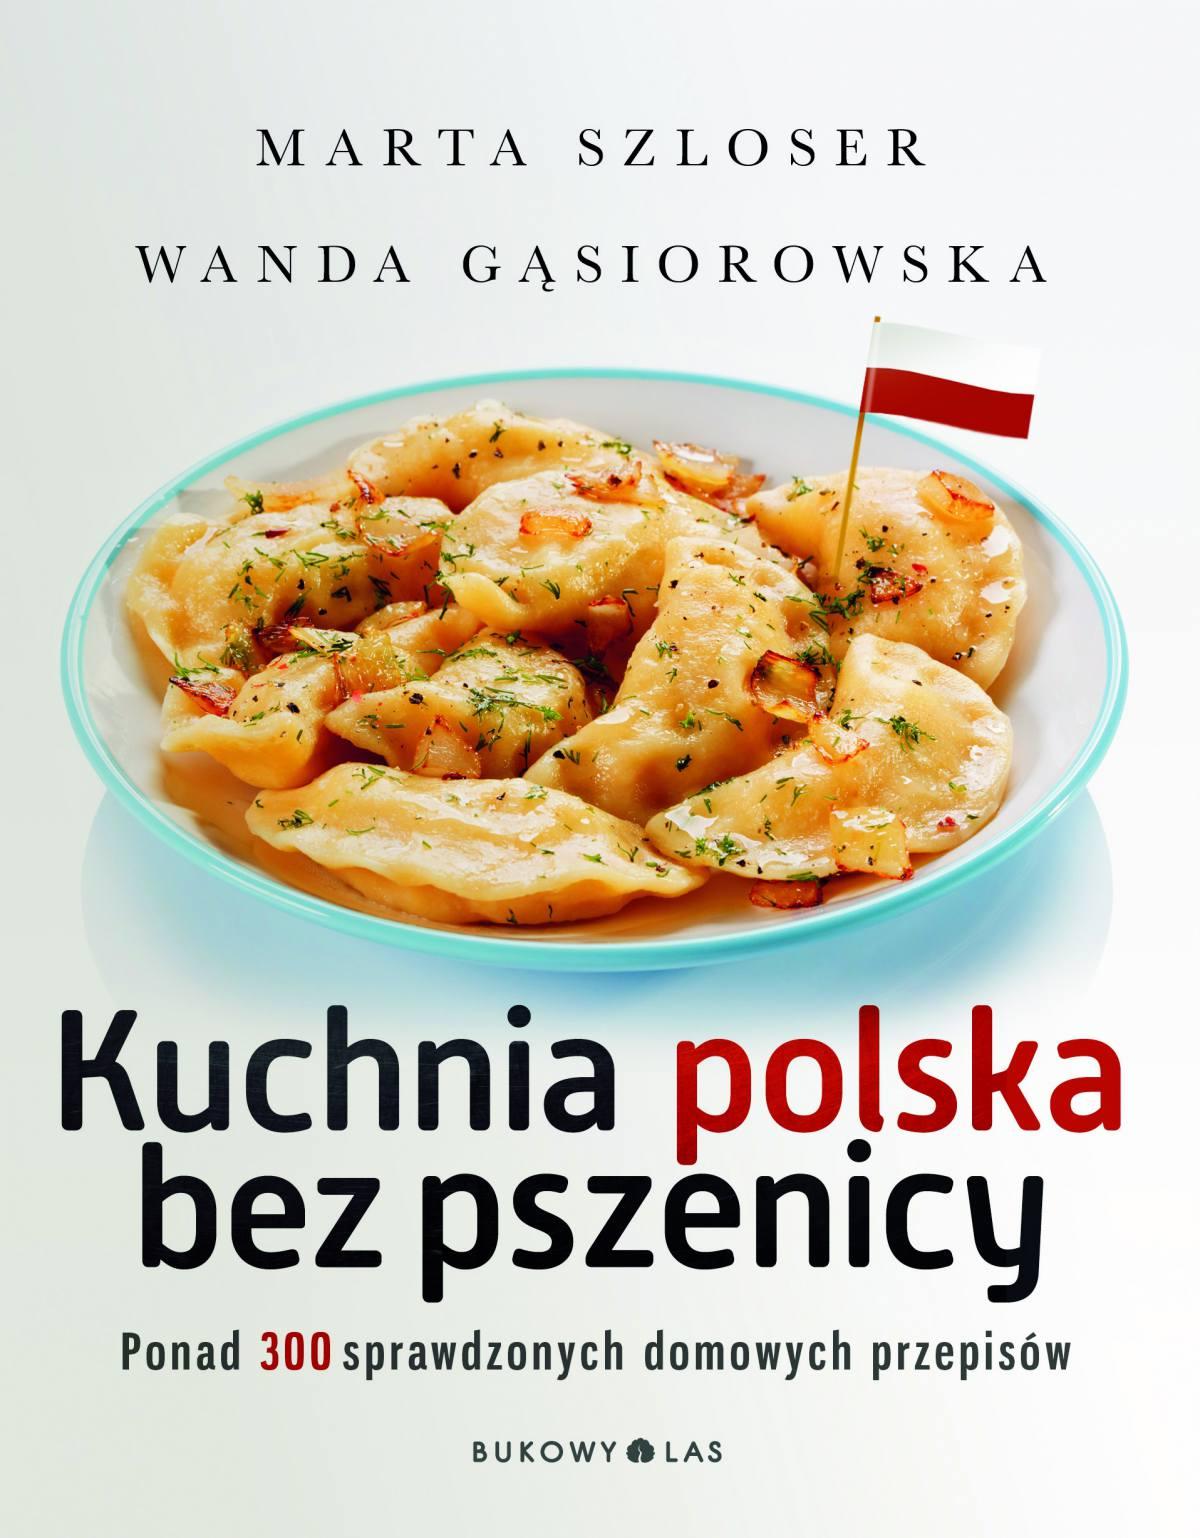 Kuchnia polska bez pszenicy - Ebook (Książka na Kindle) do pobrania w formacie MOBI